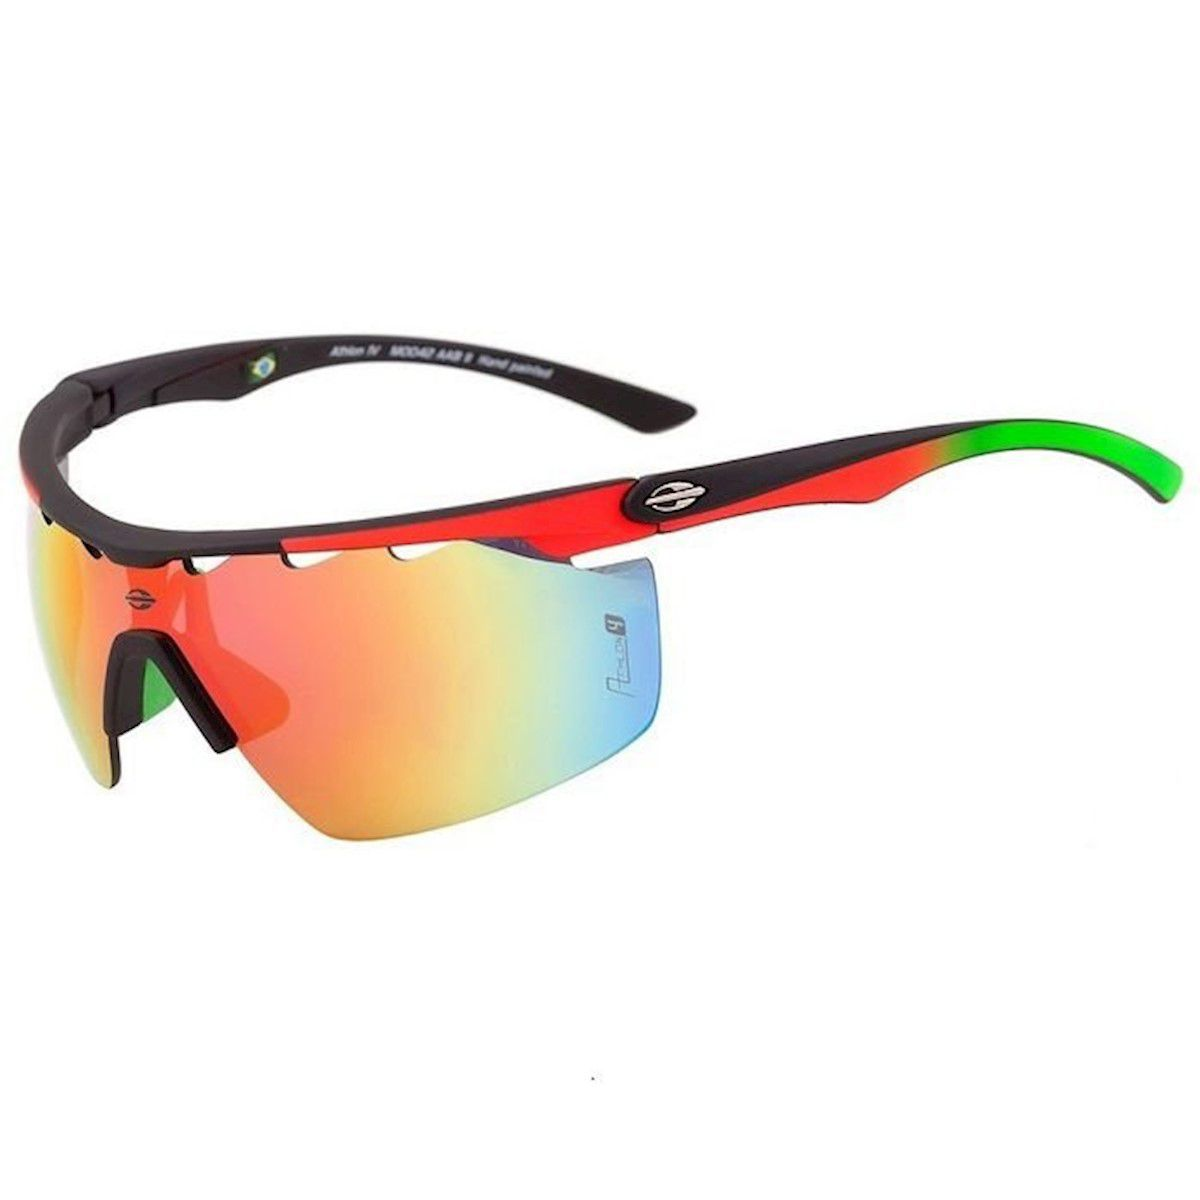 Óculos de sol Mormaii Athlon 4 Preto